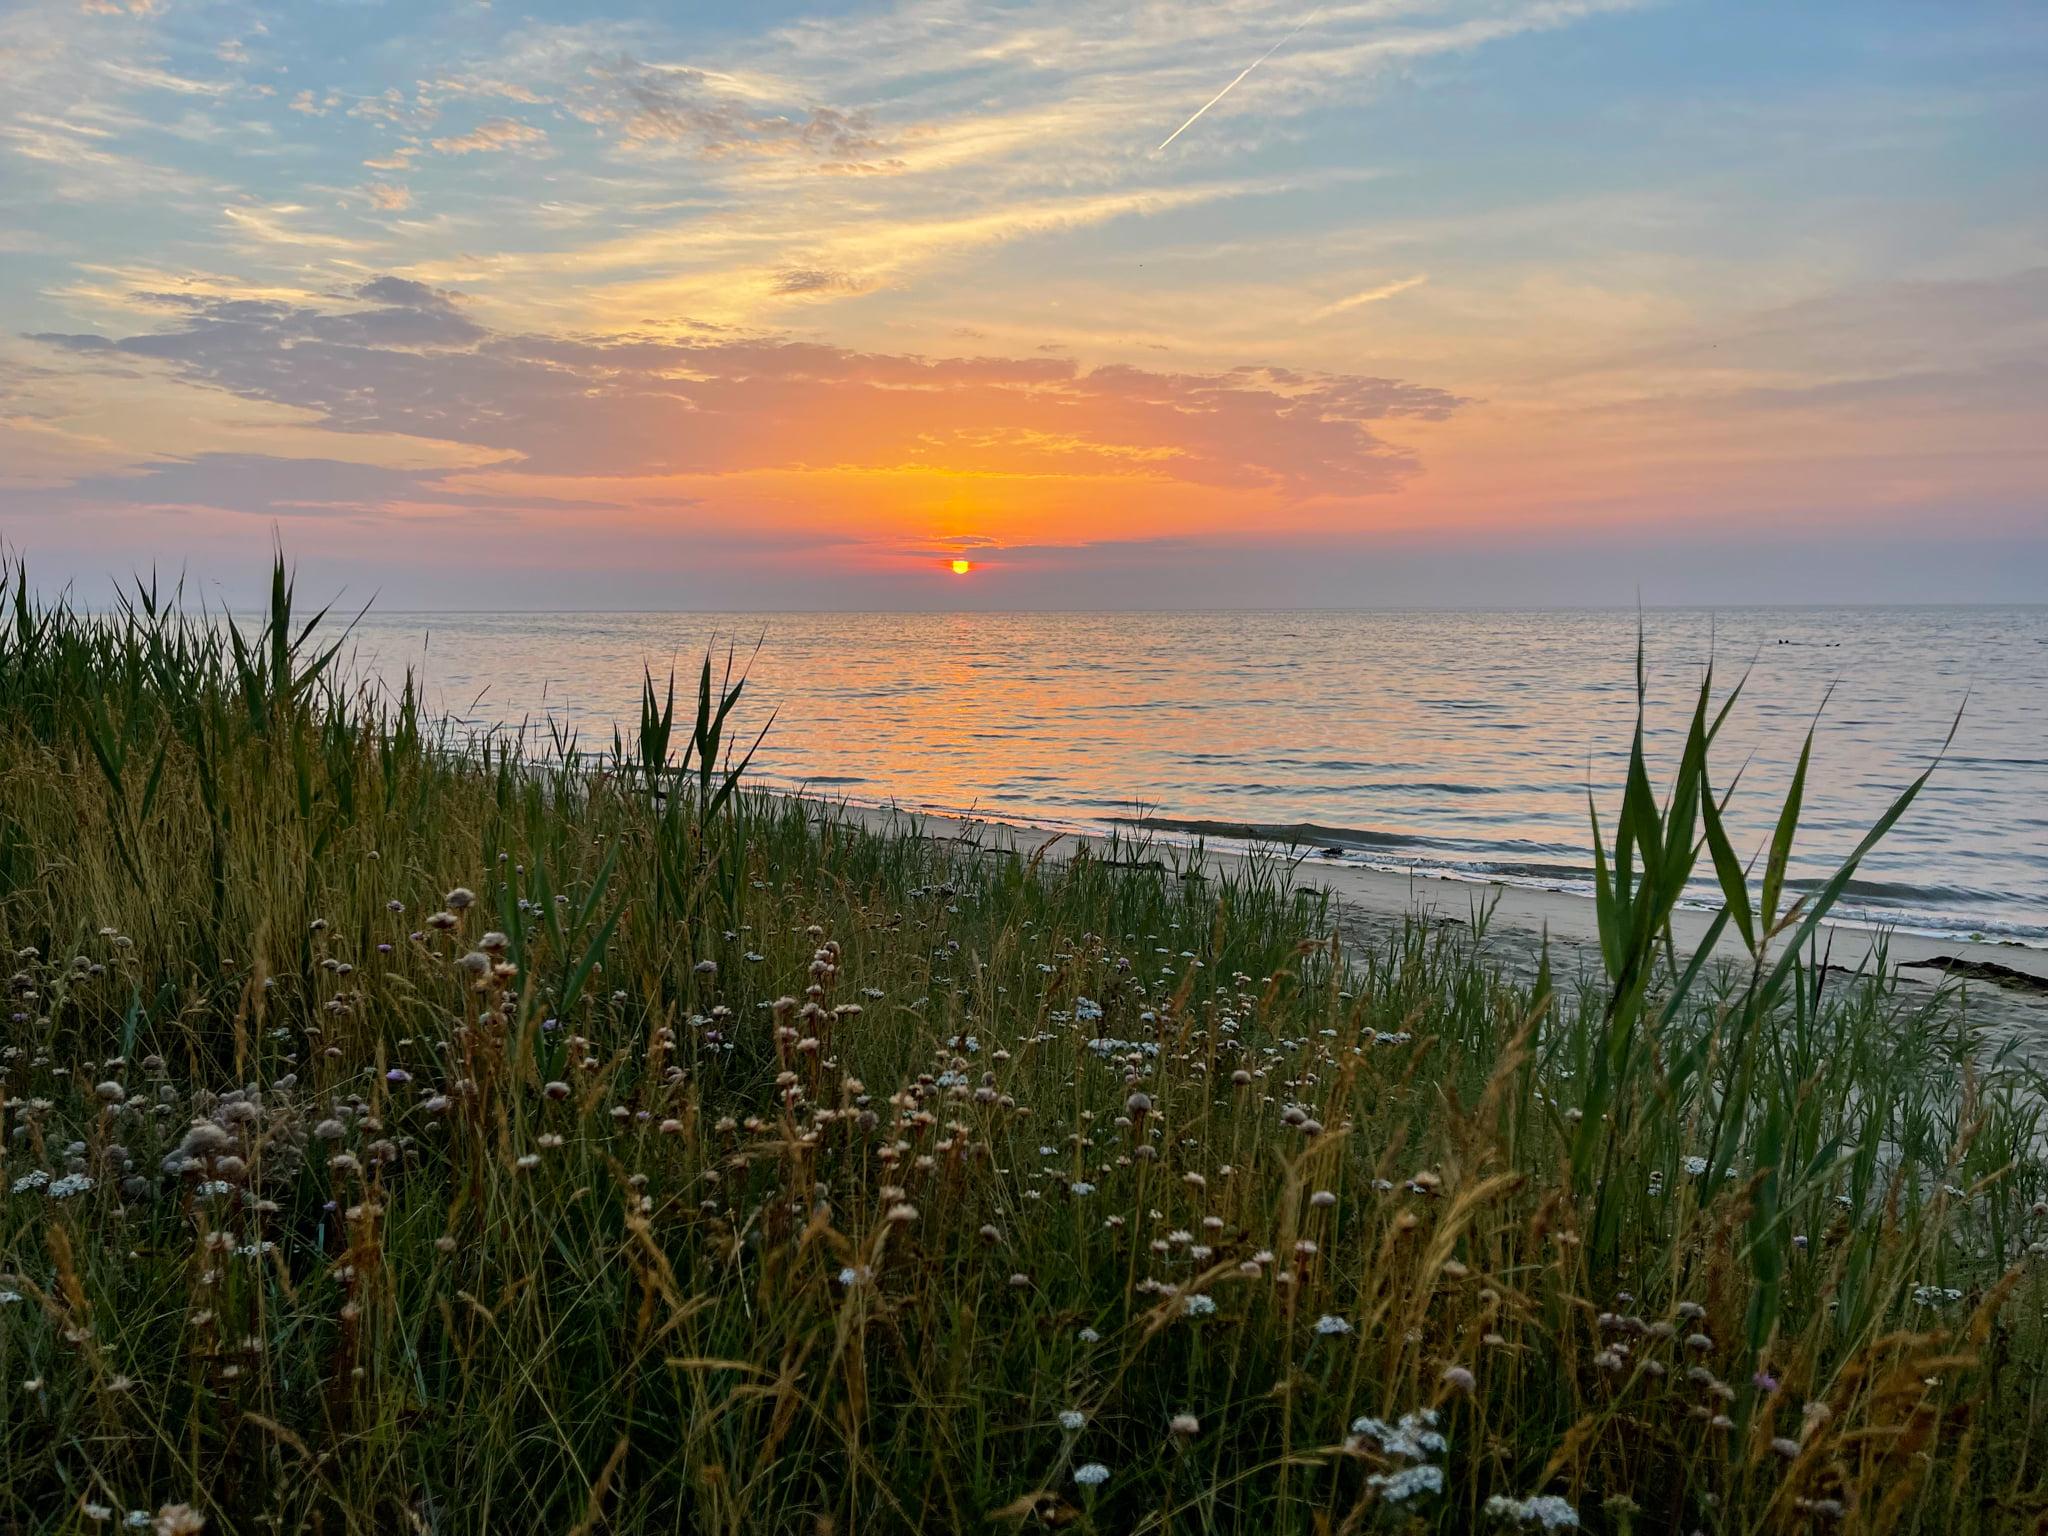 Die Braderuper Heide finden Sie zwischen Kampen und Wenningstedt, wenn sie am Wattenmeer entlang fahren